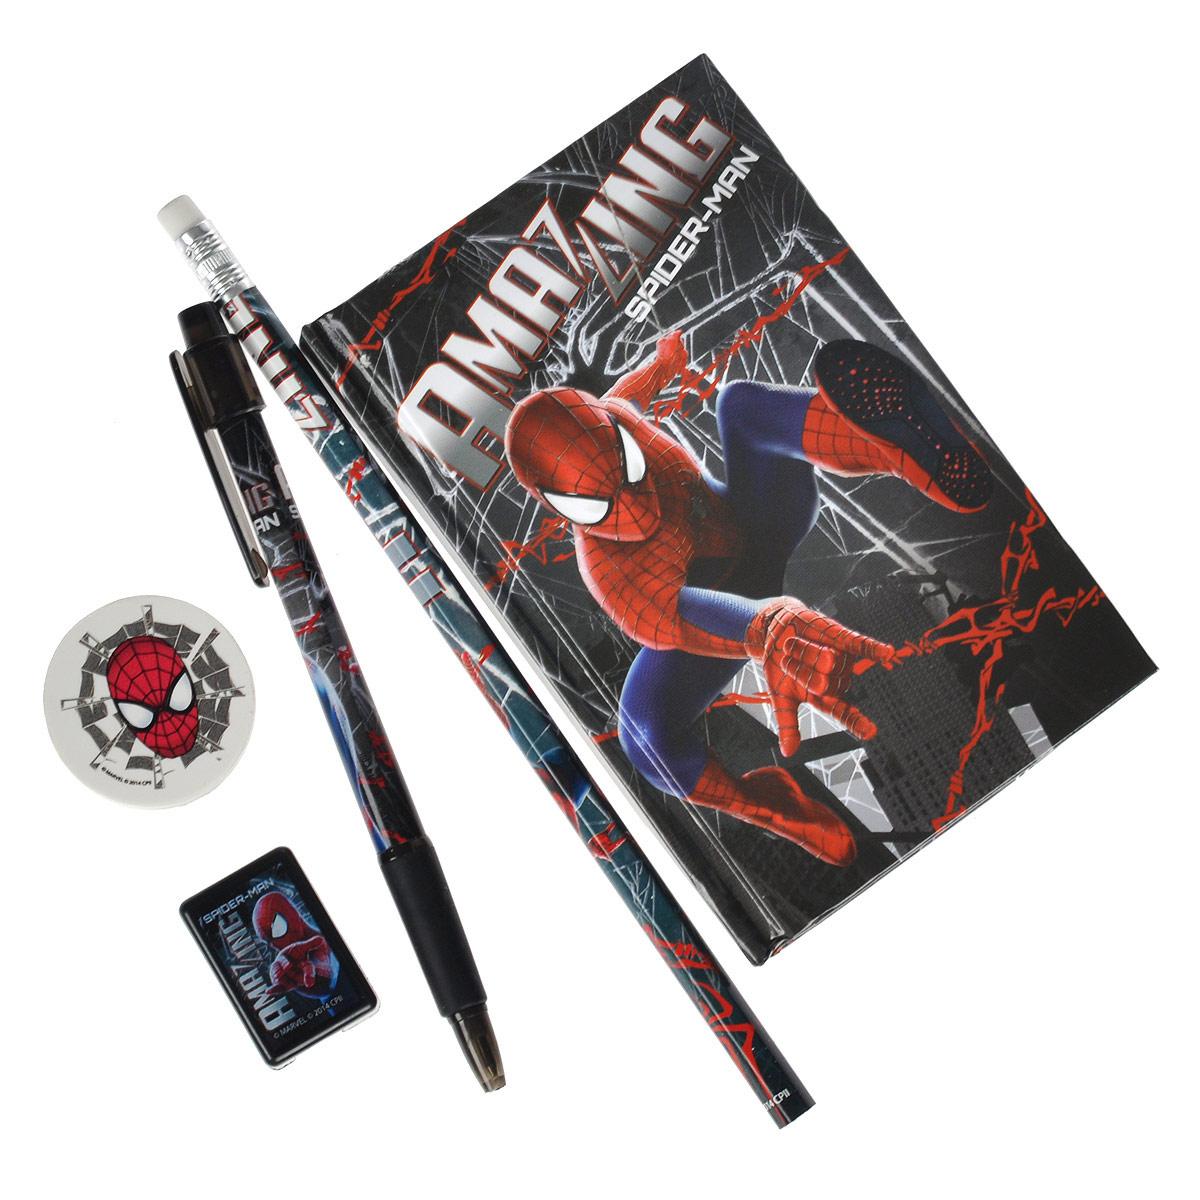 Канцелярский набор Spider-Man, 5 предметовSMBB-US1-360Канцелярский набор Spider-Man станет незаменимым атрибутом в учебе любого школьника.Он включает в себя чернографитный карандаш с ластиком на конце, ластик, точилку, автоматическую ручку и записную книжку.Ручка снабжена прорезиненной вставкой в области захвата, подача стержня производится путем нажатия на кнопку в верхней части ручки. Обложка записной книжки выполнена из плотного картона, внутренний блок содержит листы с печатью.Все предметы набора оформлены изображениями супергероя Человека-Паука.